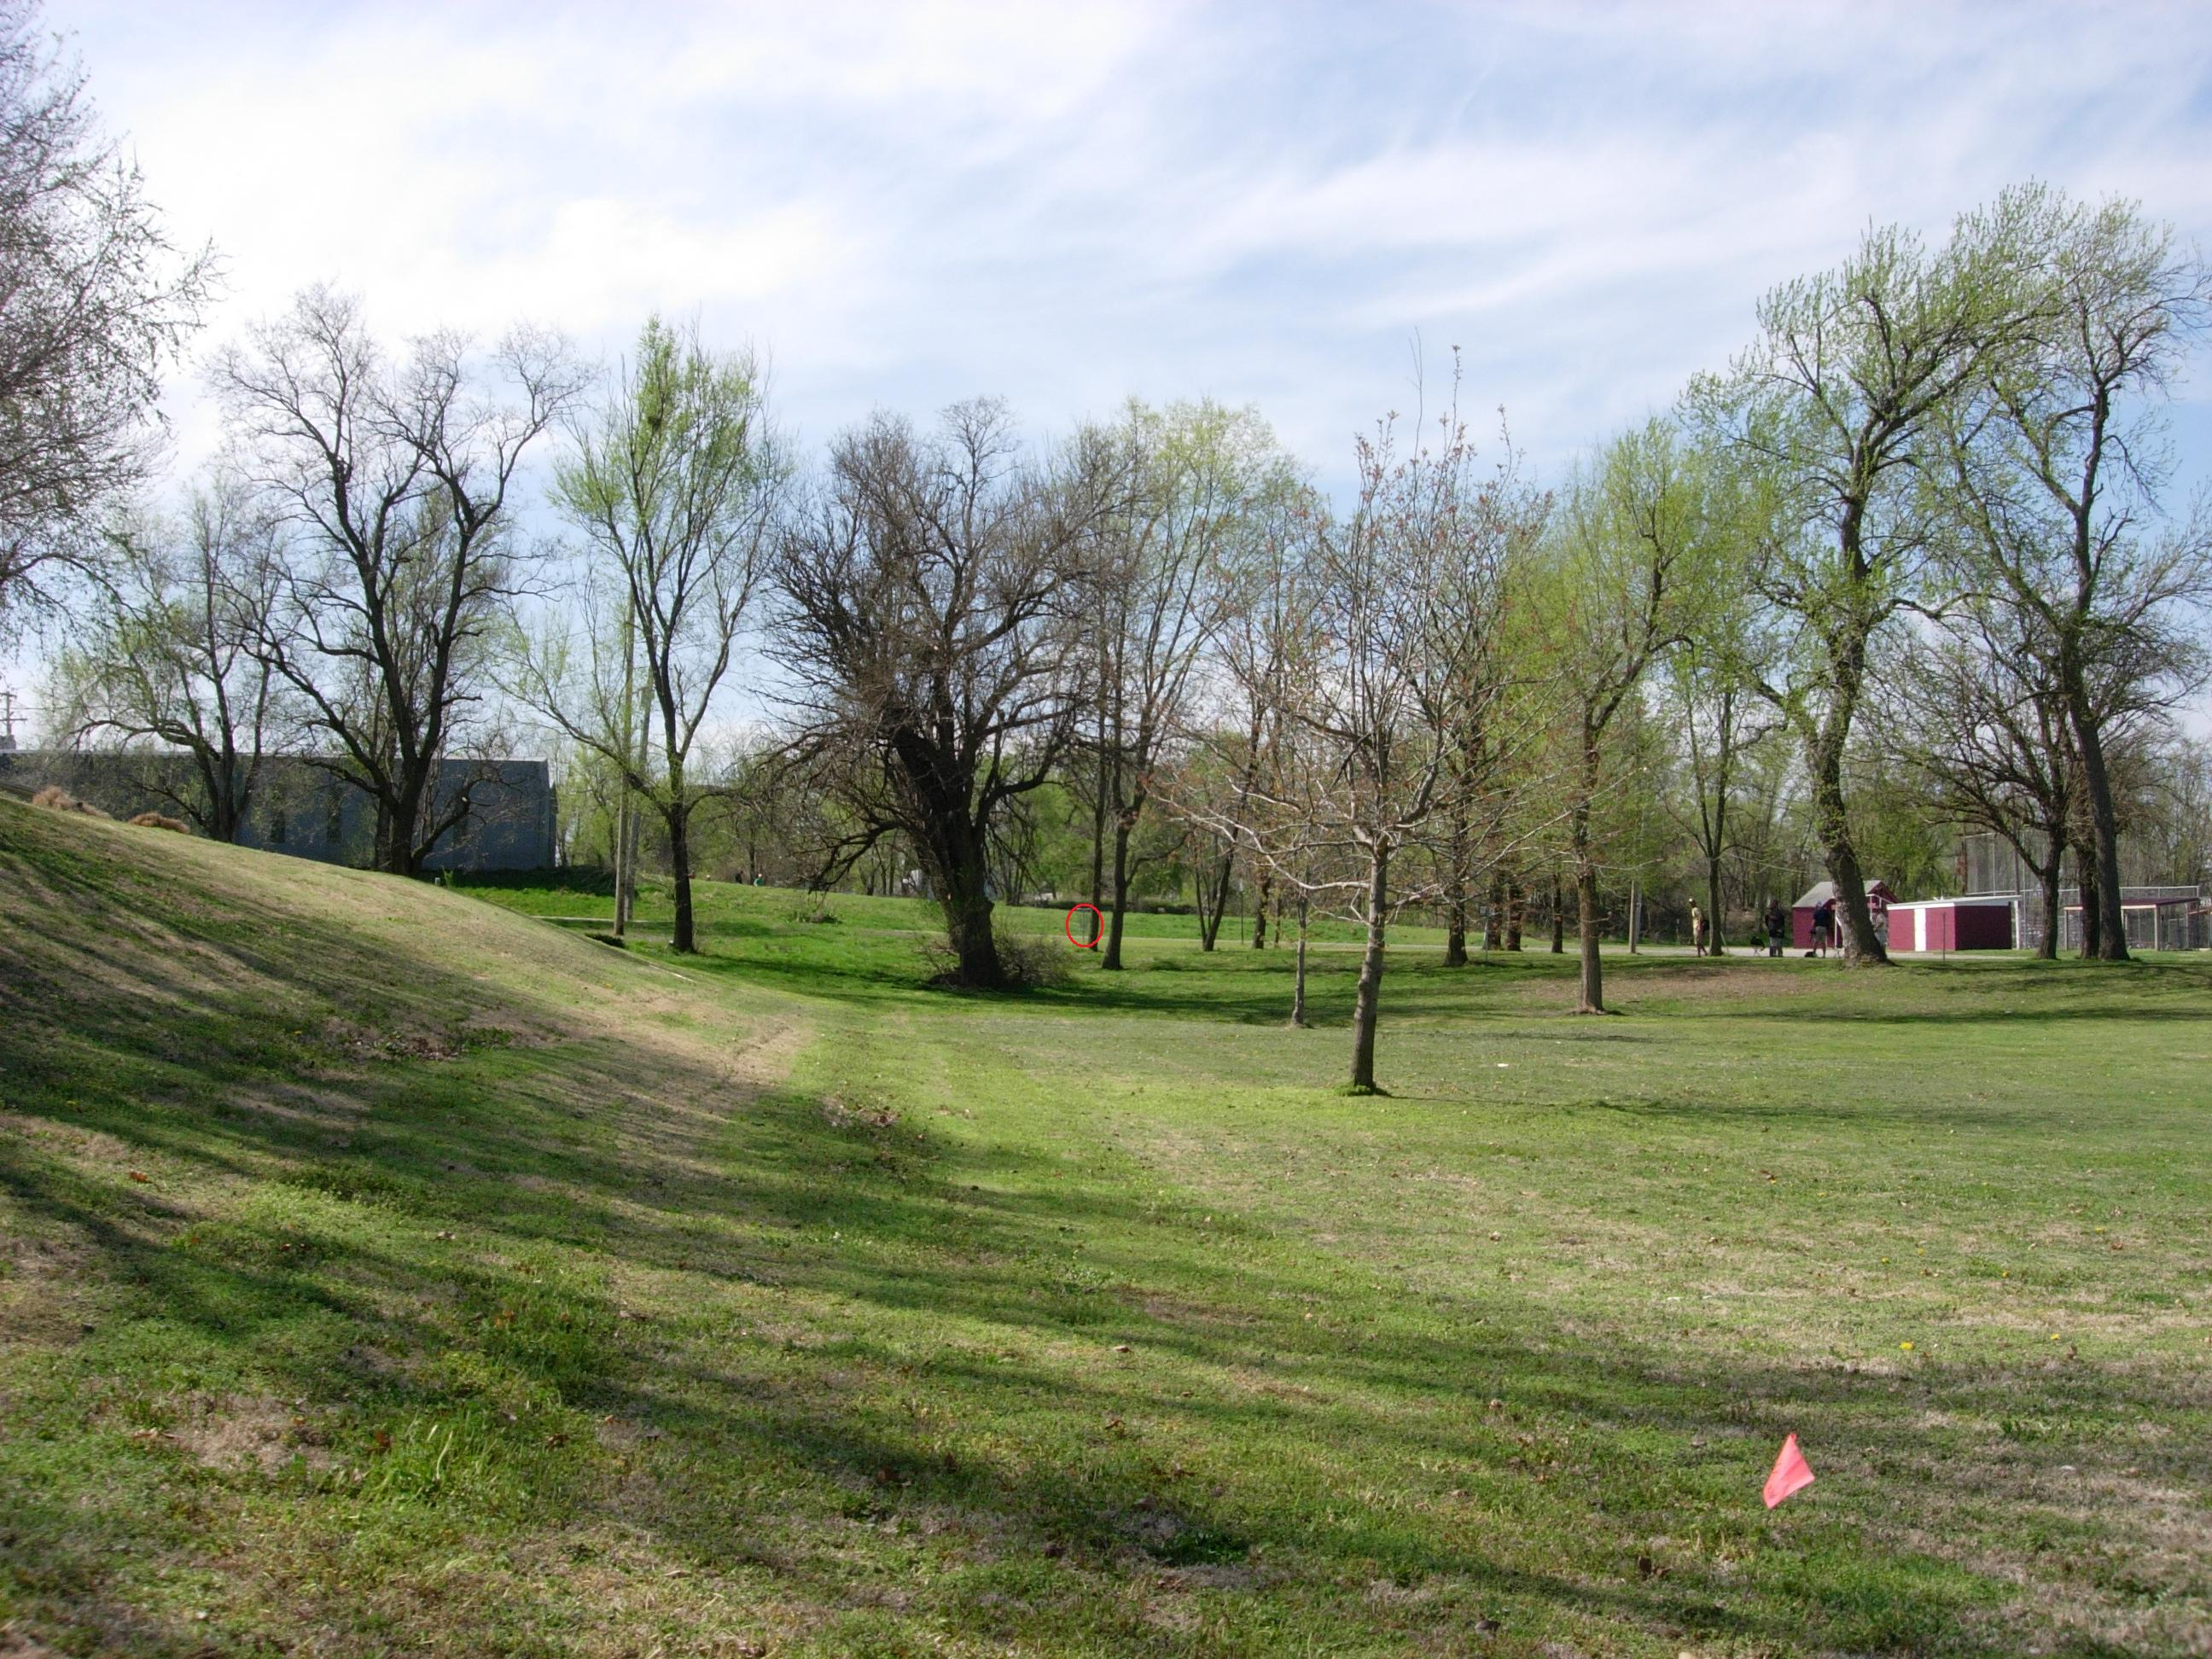 Herington Disc Golf Course at Father Padilla Memorial Park